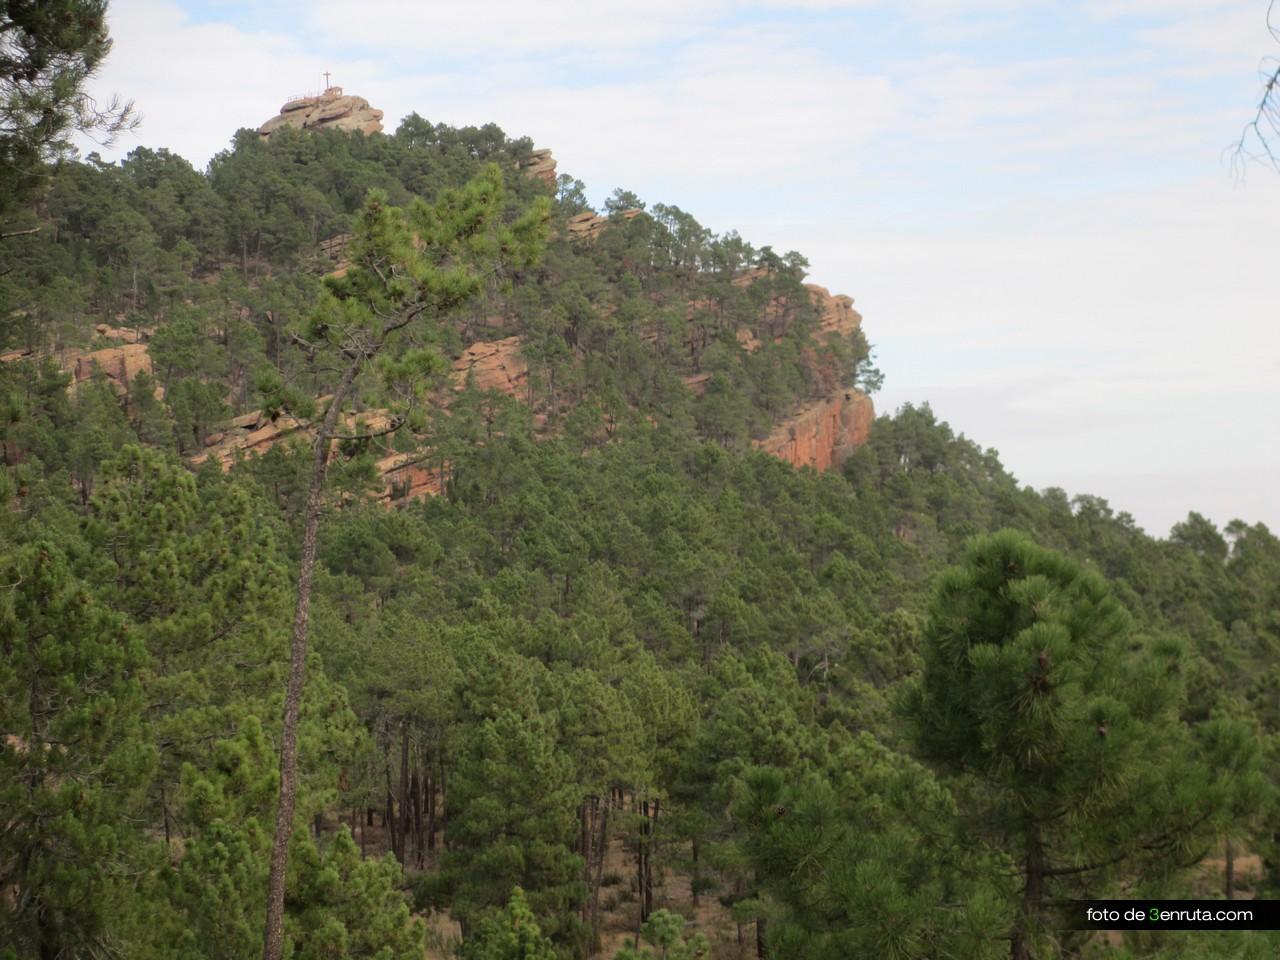 Vista del alto de la cruz desde la parte alta del sendero